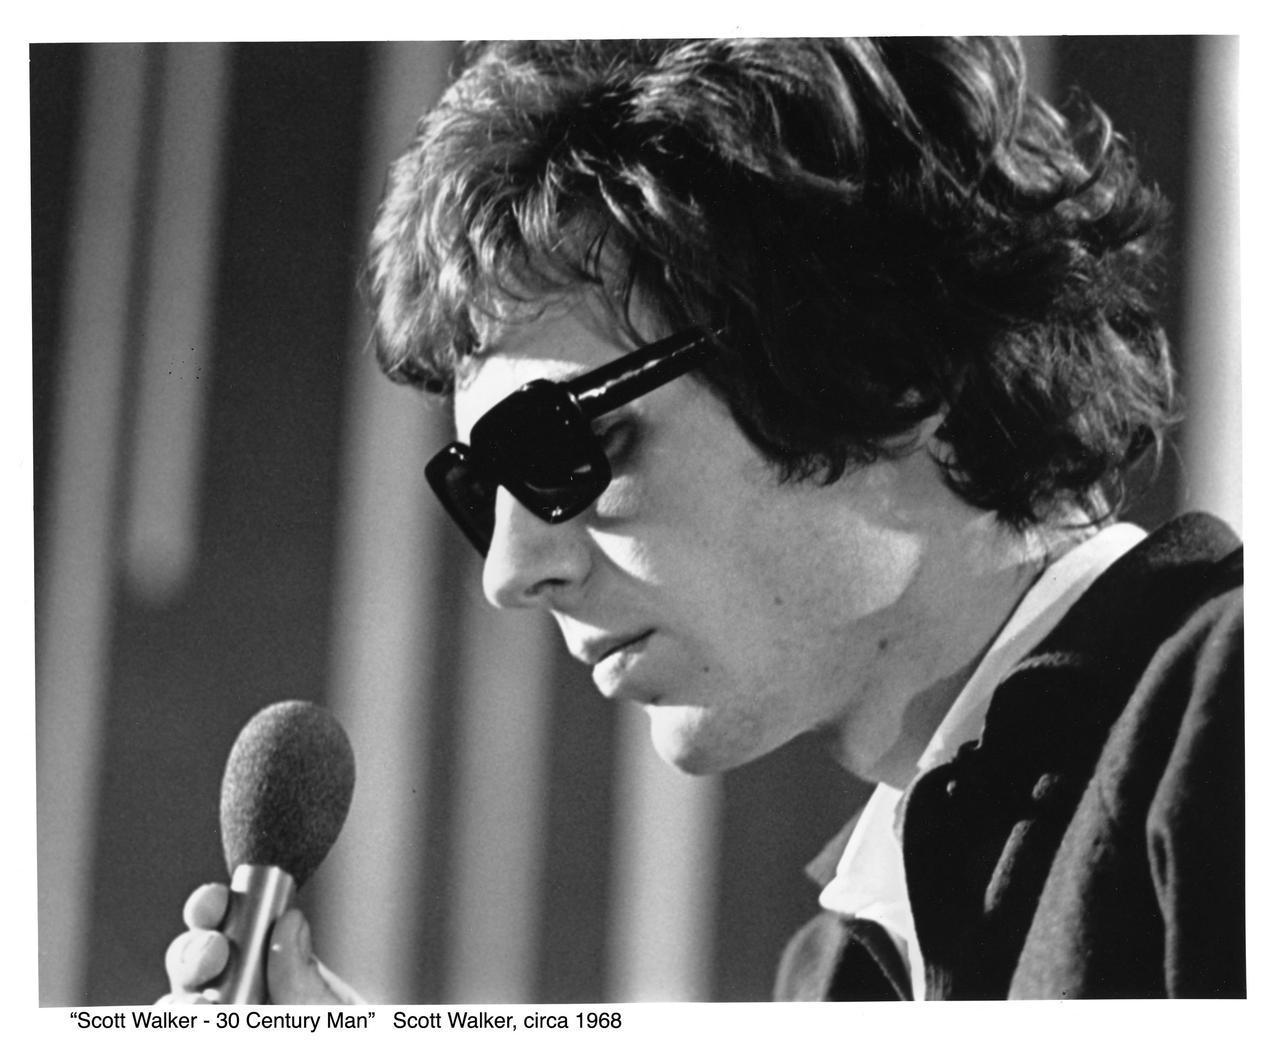 画像: ■スコット・ウォーカー略歴 1964年、ウォーカー・ブラザーズ結成。1965年デビュー。3rdシングル「涙でさようなら」が全英チャート1位のヒットを記録。以降、「太陽はもう輝かない」、「孤独の太陽」、「ダンス天国」等、複数のヒットを放ち、イギリスのみならずヨーロッパ、オセアニア、日本で人気を得る。 ウォーカー・ブラザーズ解散後、ソロアルバム「Scott」、「Scott 2」「Scott 3」等を発表。カルト的な人気を得る。1999年、レオス・カラックス監督の映画『ポーラ X』の音楽を担当。与えた影響は、デイヴィッド・ボウイ、ブライアン・イーノから、トム・ヨーク、パルプのジャーヴィス・コッカー、U2ら次世代のアーティストにまで及んでいる。